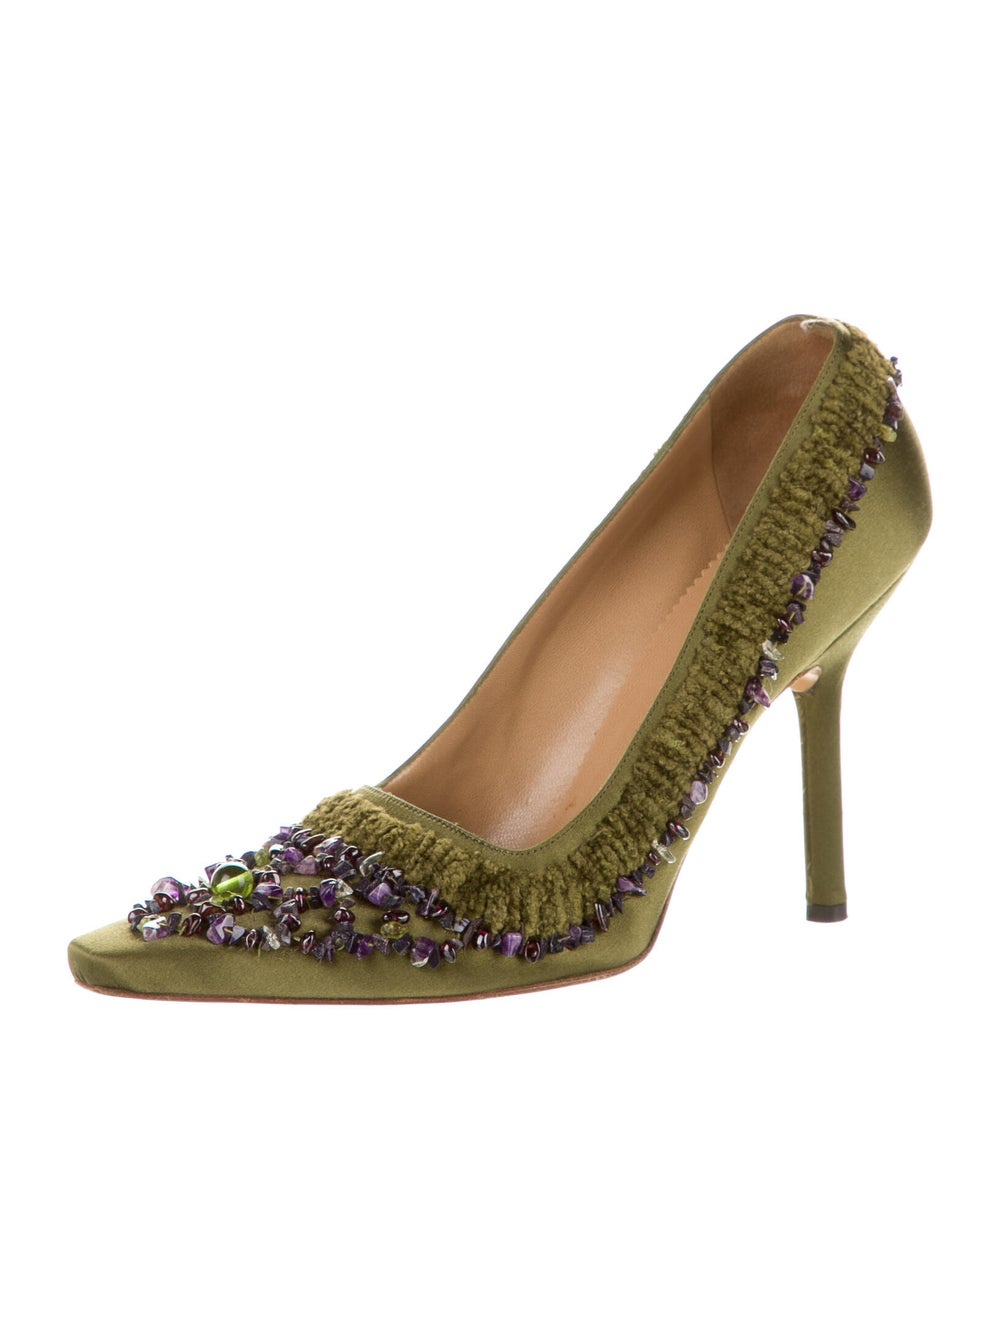 Gucci Pumps Green - image 2